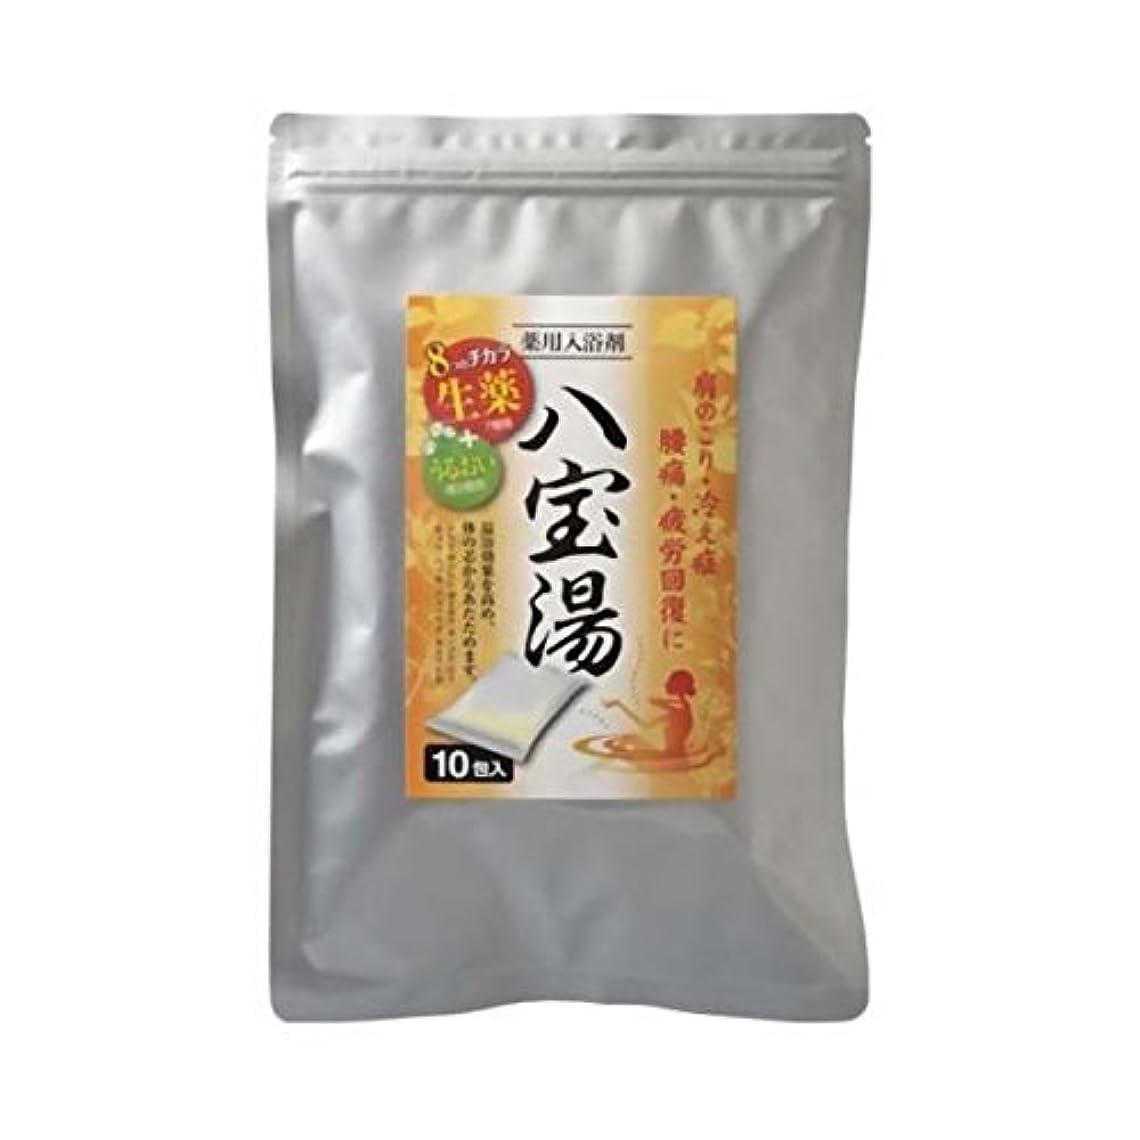 事乱雑なペッカディロ【お徳用 3 セット】 薬用入浴剤 八宝湯 カモミールの香り 10包×3セット